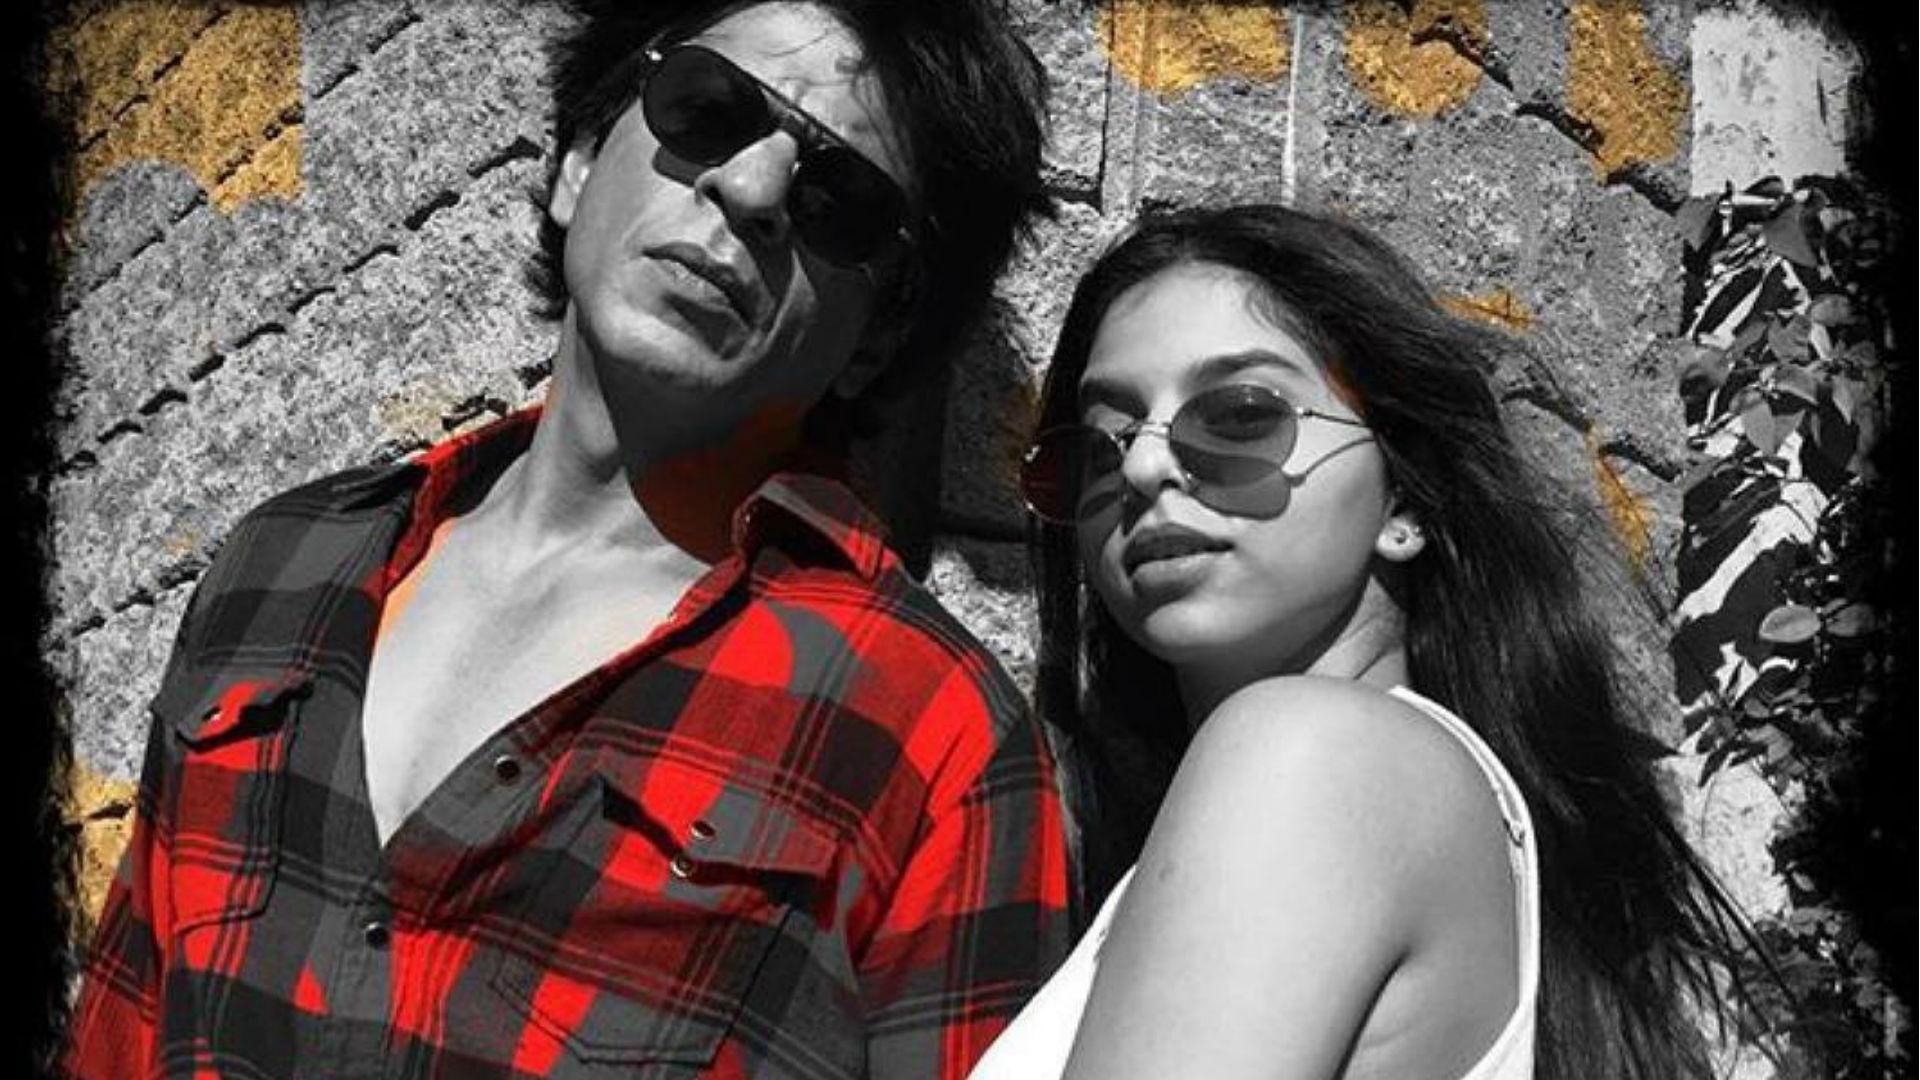 बेटी और उसकी बेस्ट फ्रेंड्स के लिए फोटोग्राफर बने शाहरुख खान, अनन्या पांडे ने 2 तस्वीरें शेयर कर किया खुलासा